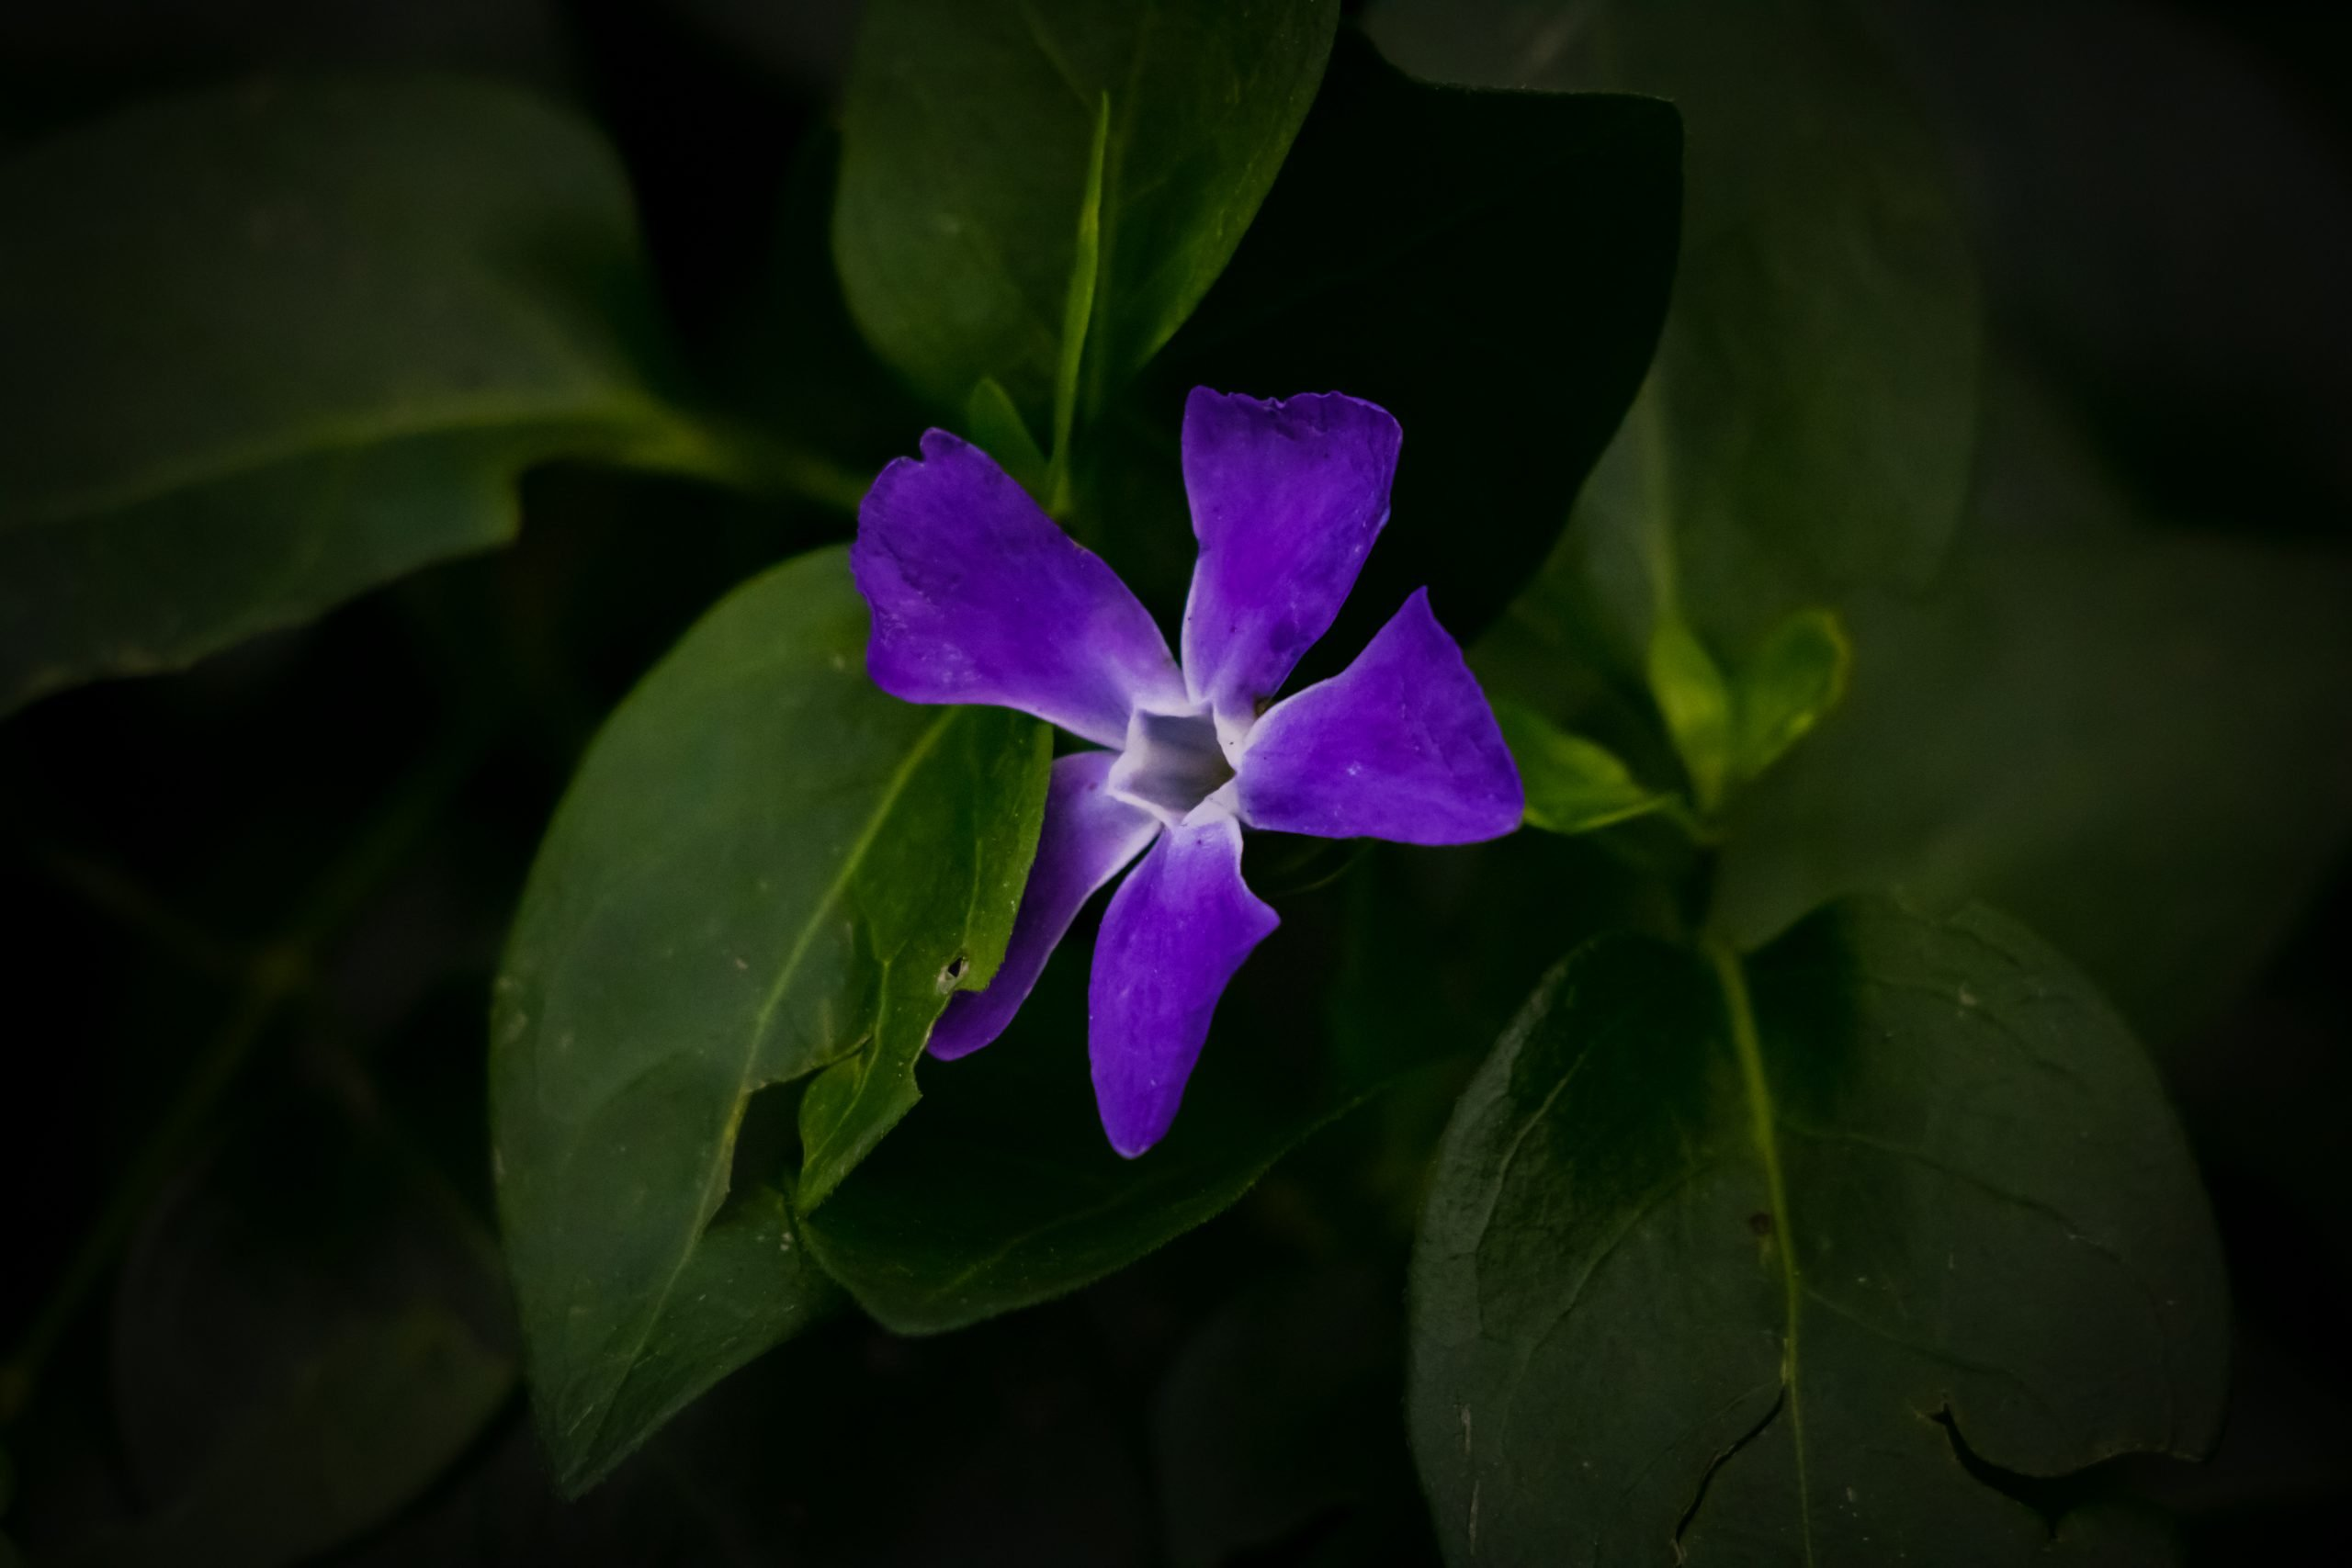 Purple Flower on Focus